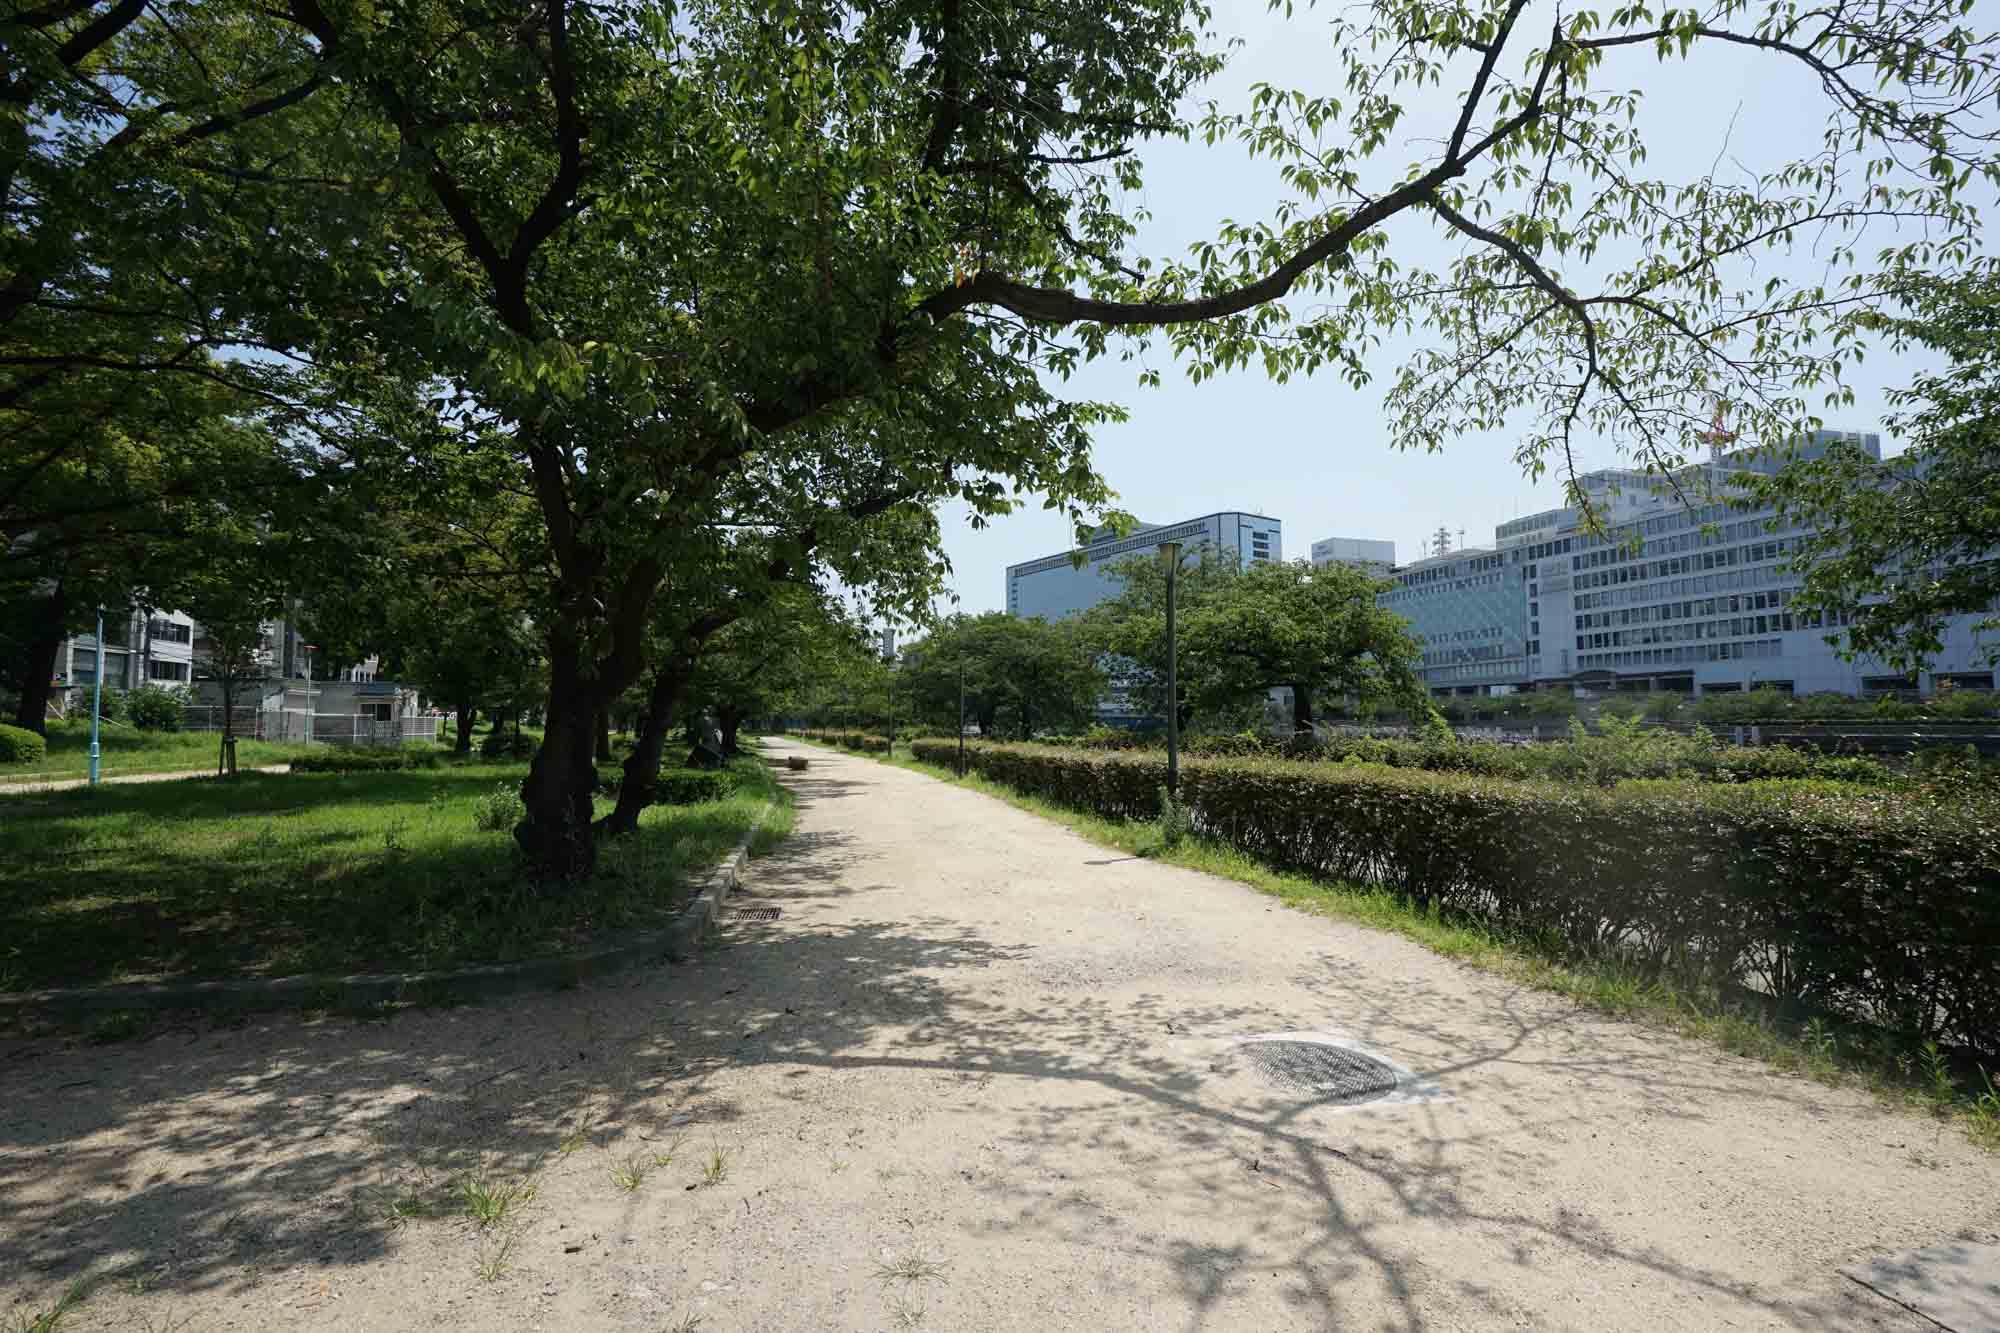 ホテル目の前の「南天満公園」はランニングのメッカとしても知られています。川沿いをずっと進むと、お花見の名所、桜ノ宮方面にたどり着きますよ。